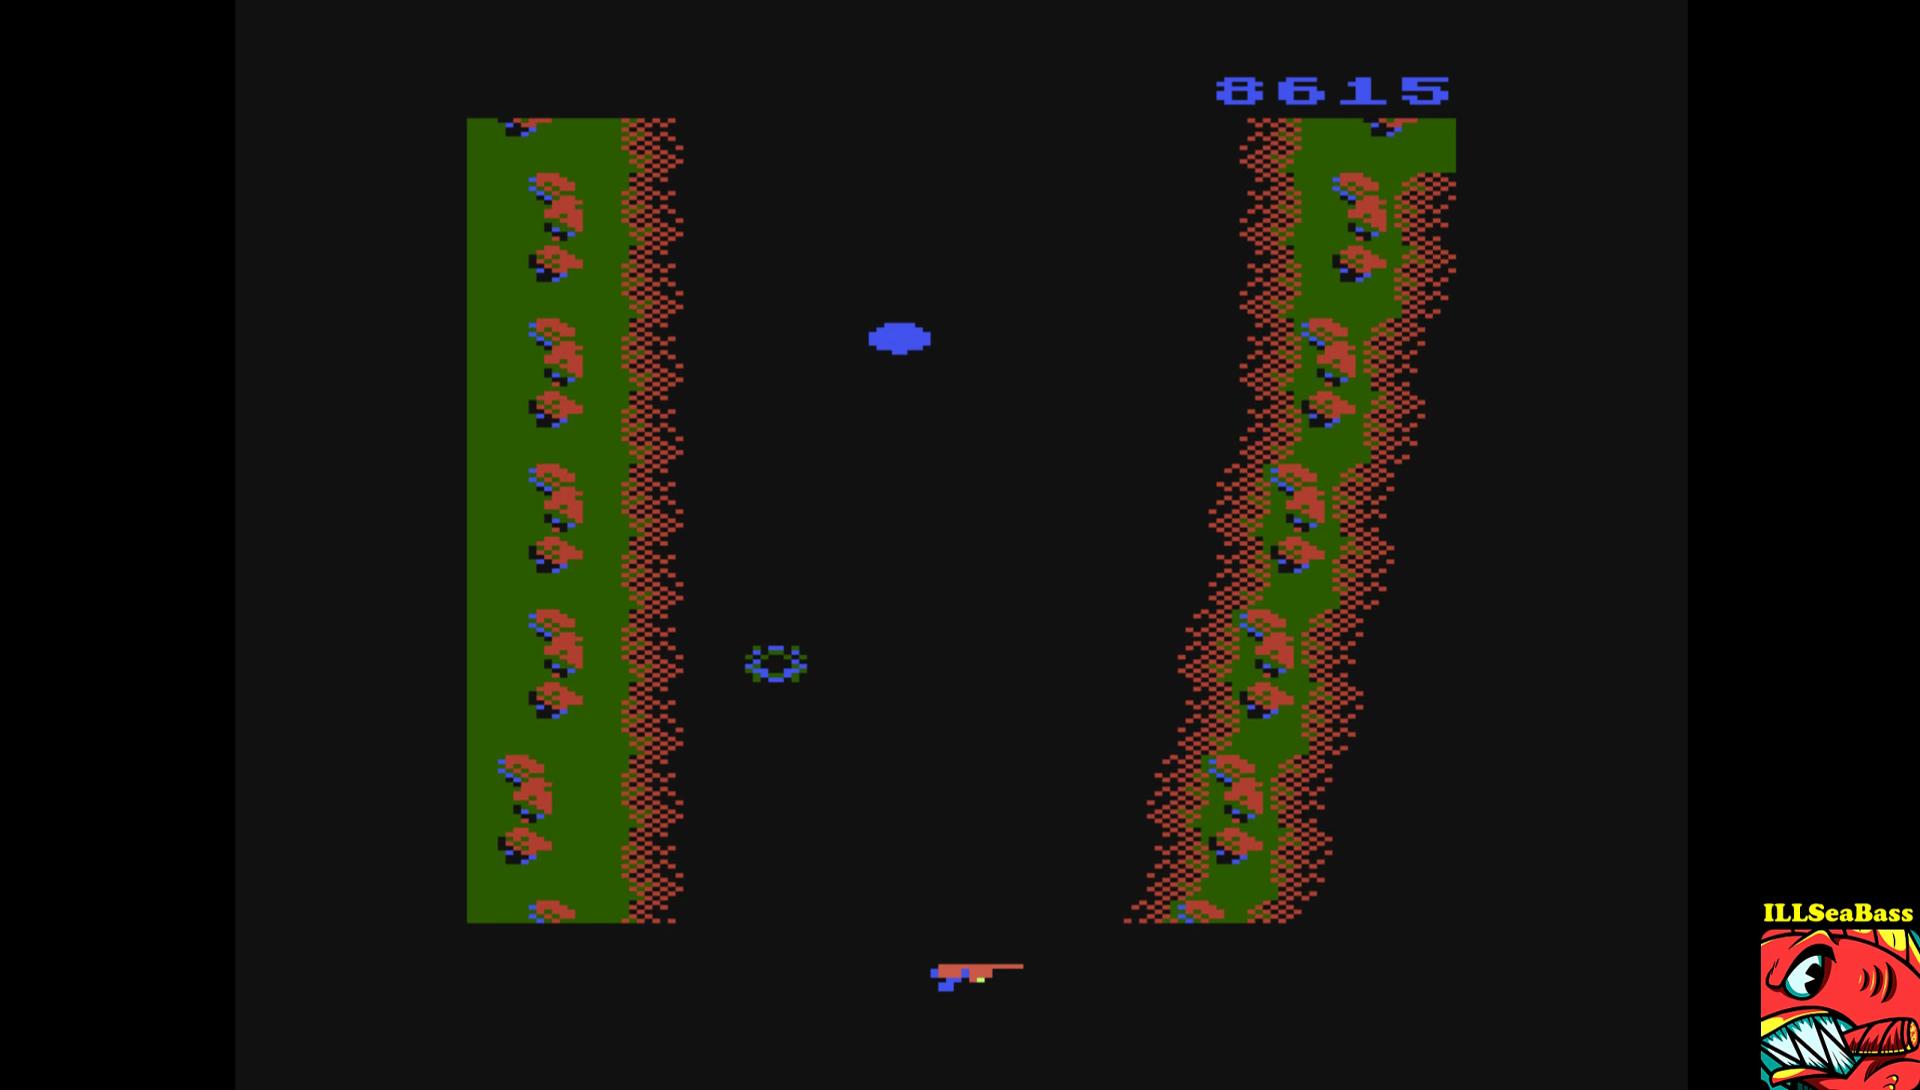 ILLSeaBass: Spy Hunter [Expert] (Atari 400/800/XL/XE Emulated) 8,615 points on 2017-01-28 11:06:00